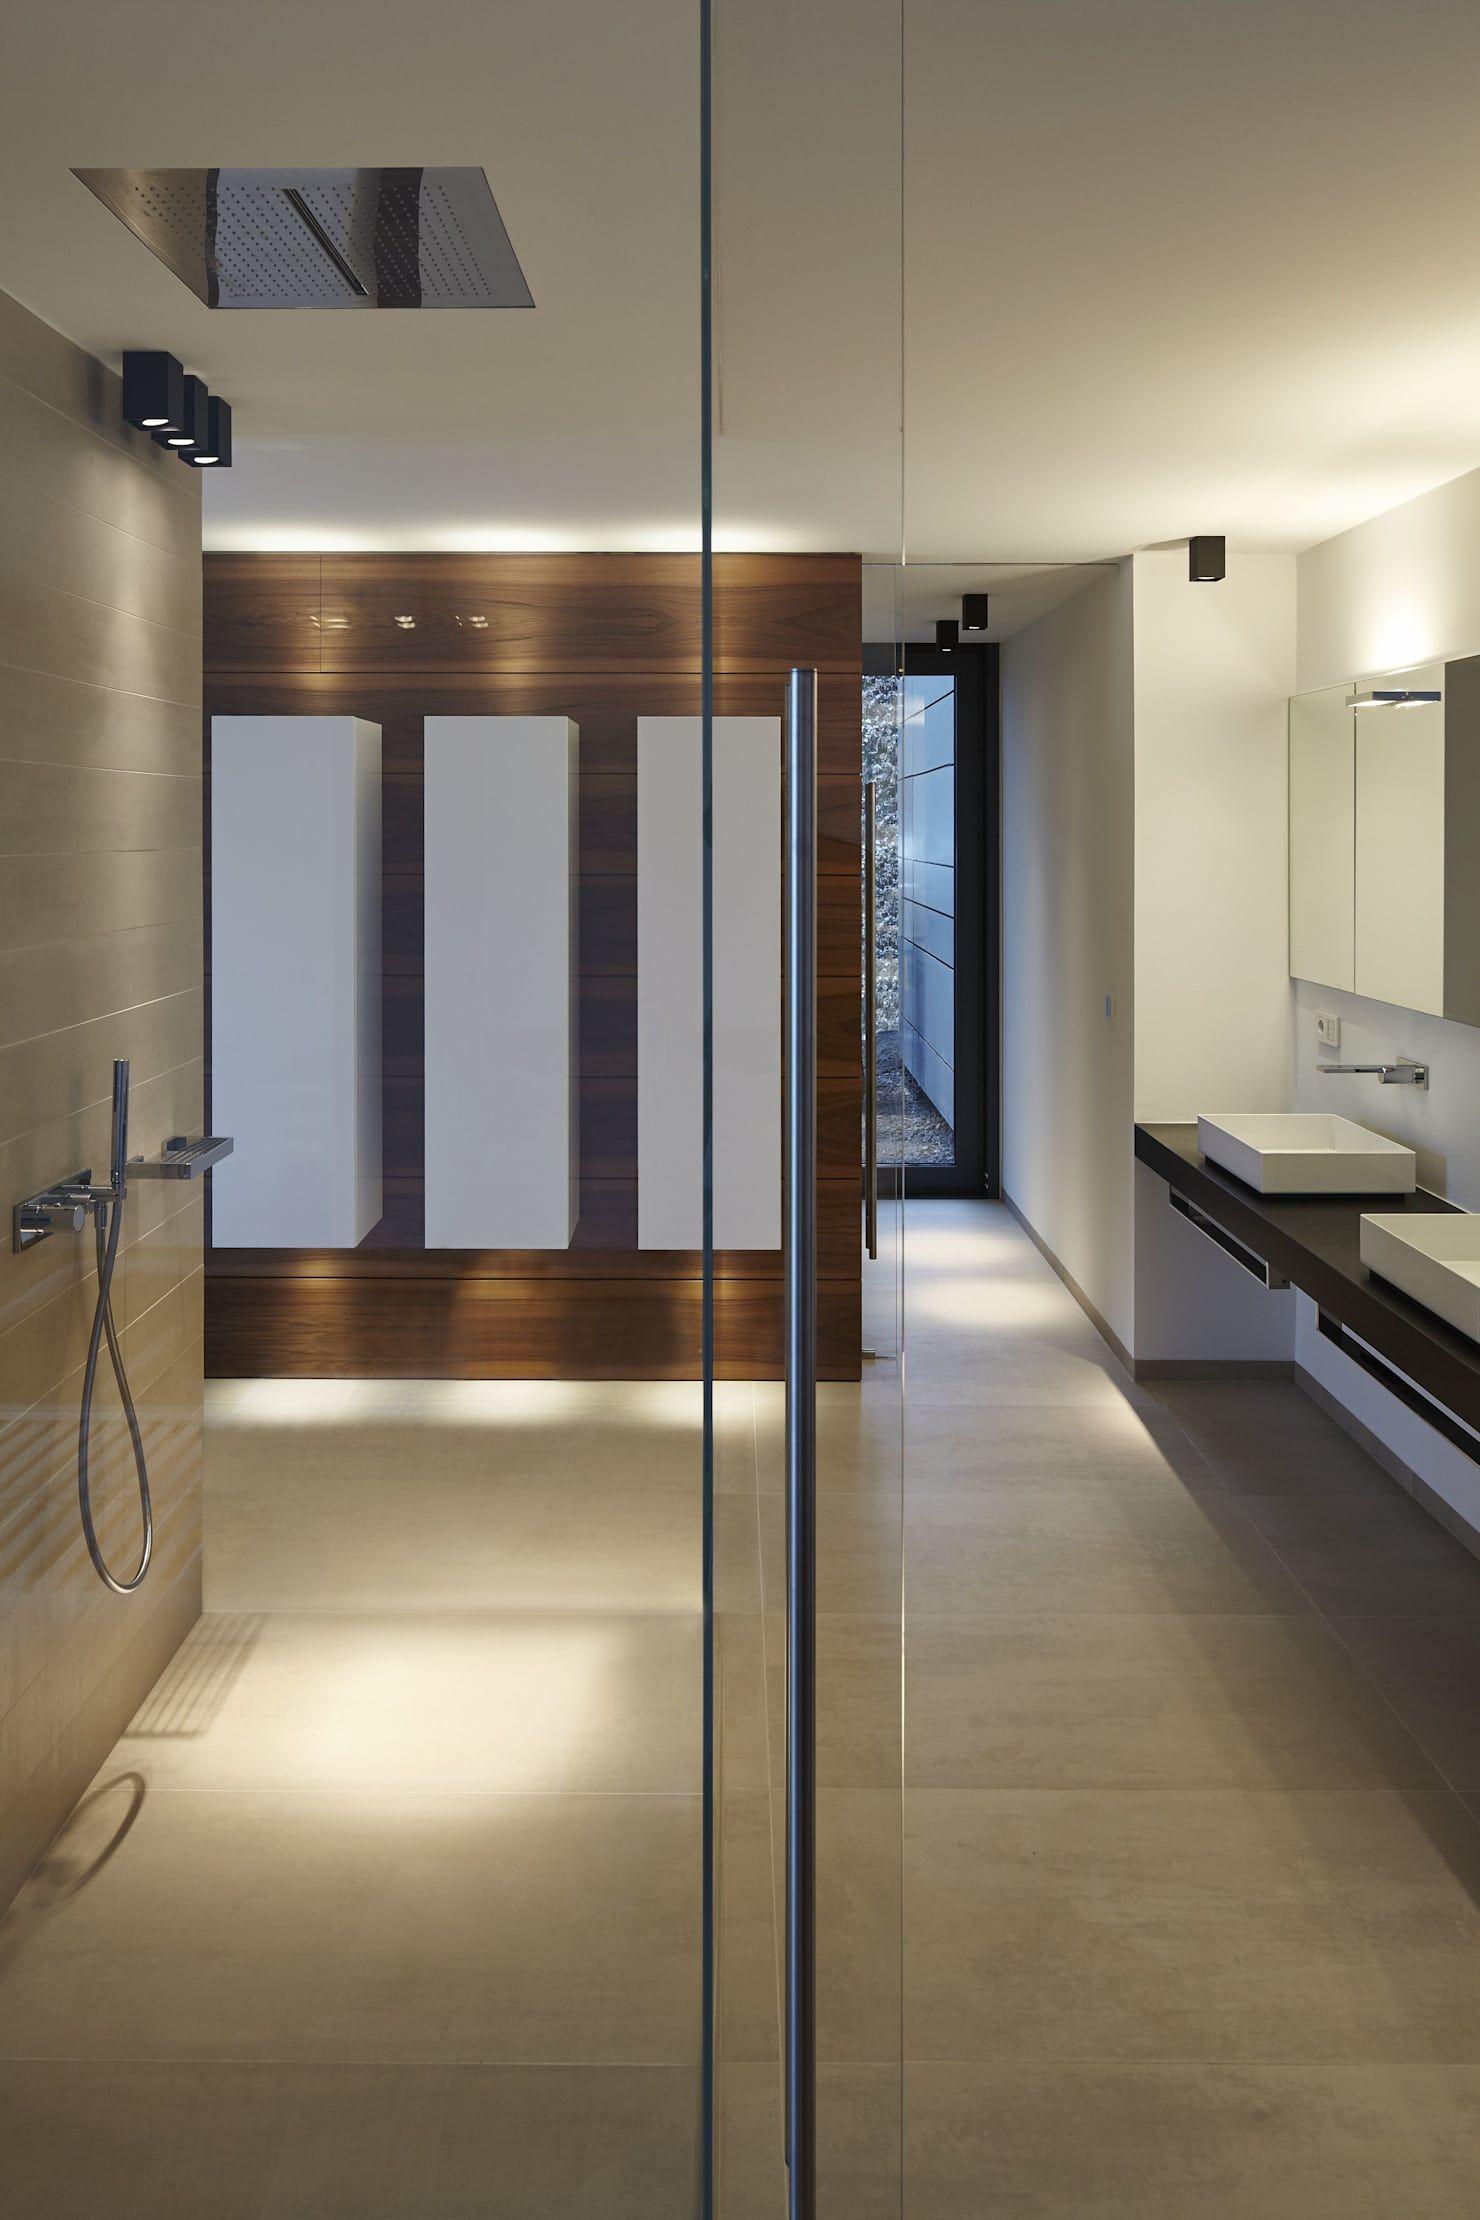 Haus Eifel Moderne Badezimmer Von Fachwerk4 - Architekten Bda